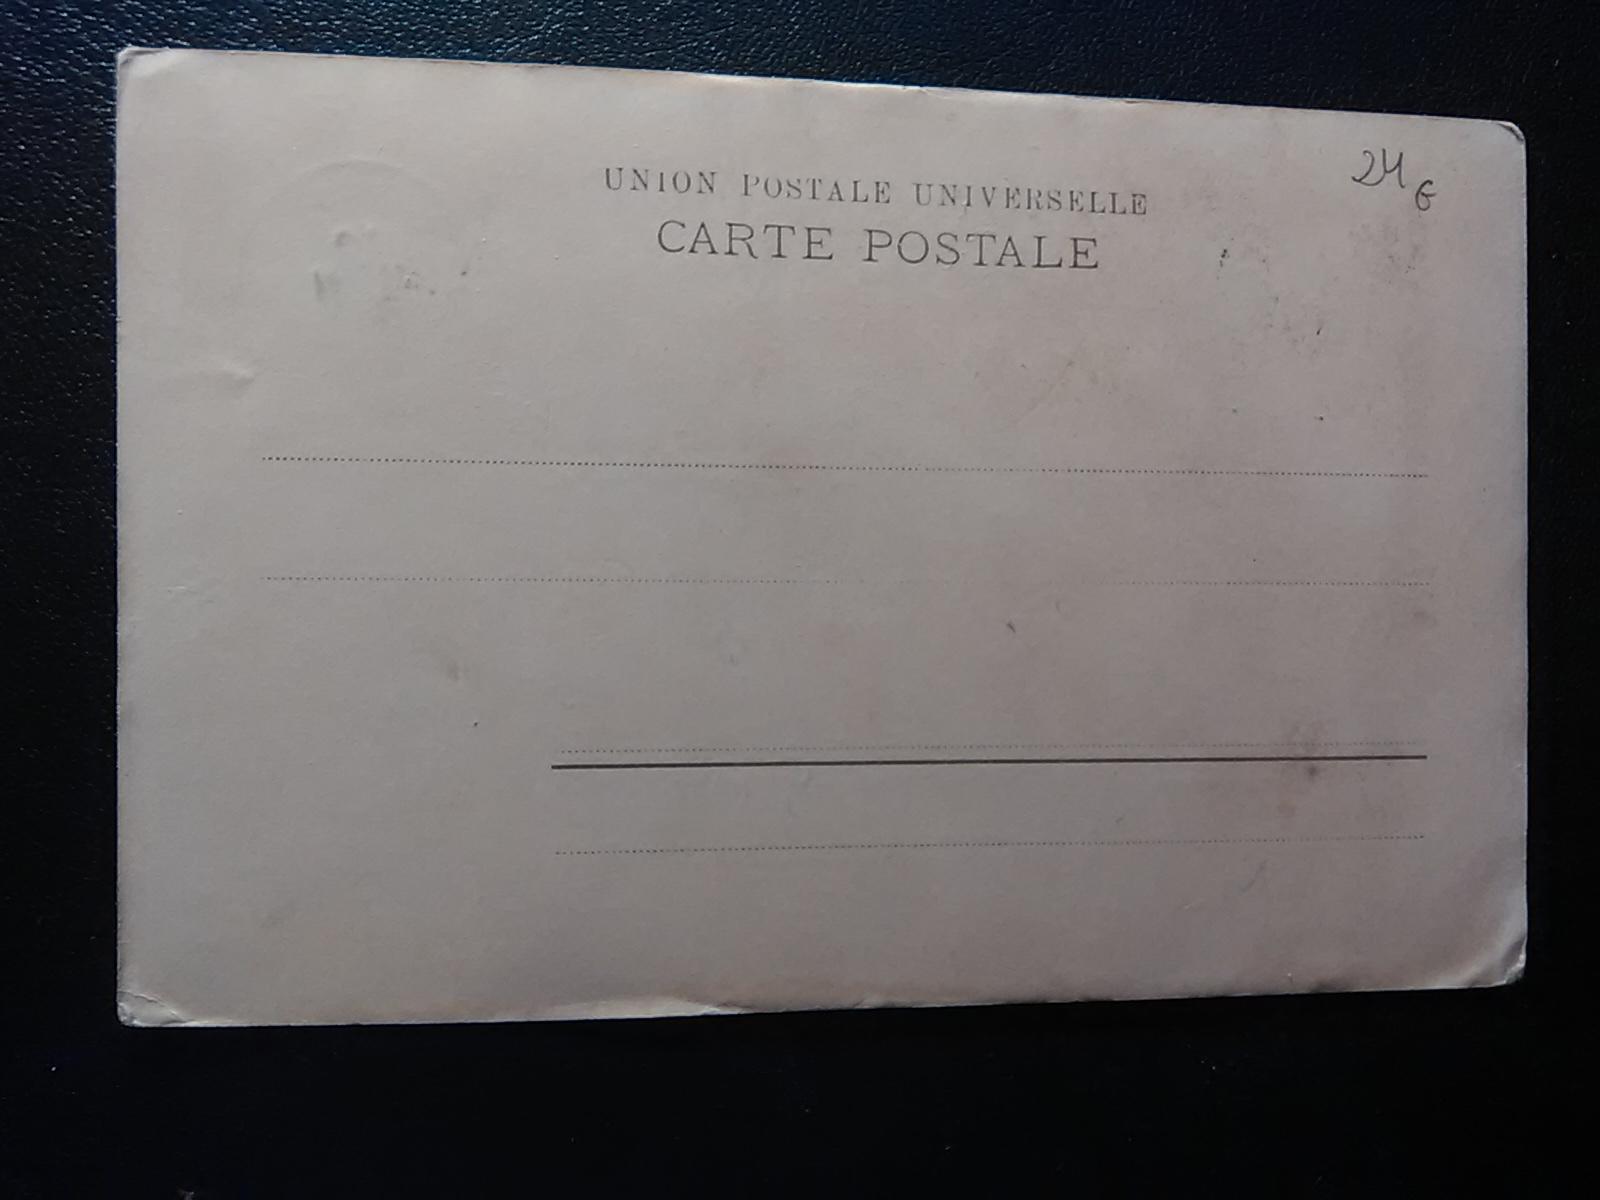 Πάτμος karpostal a.JPG